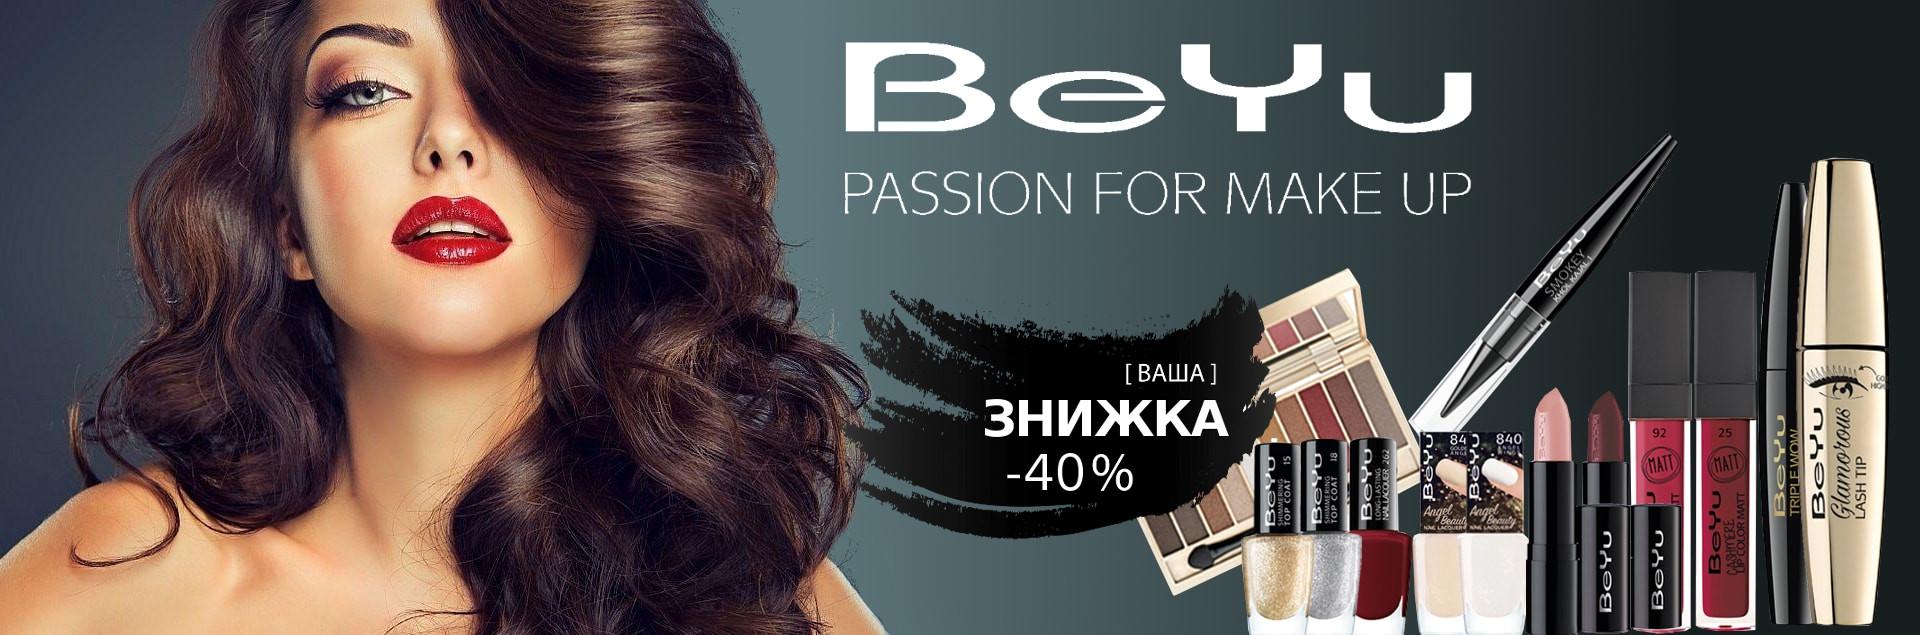 Купить косметика бию kylie официальный сайт косметика купить в москве